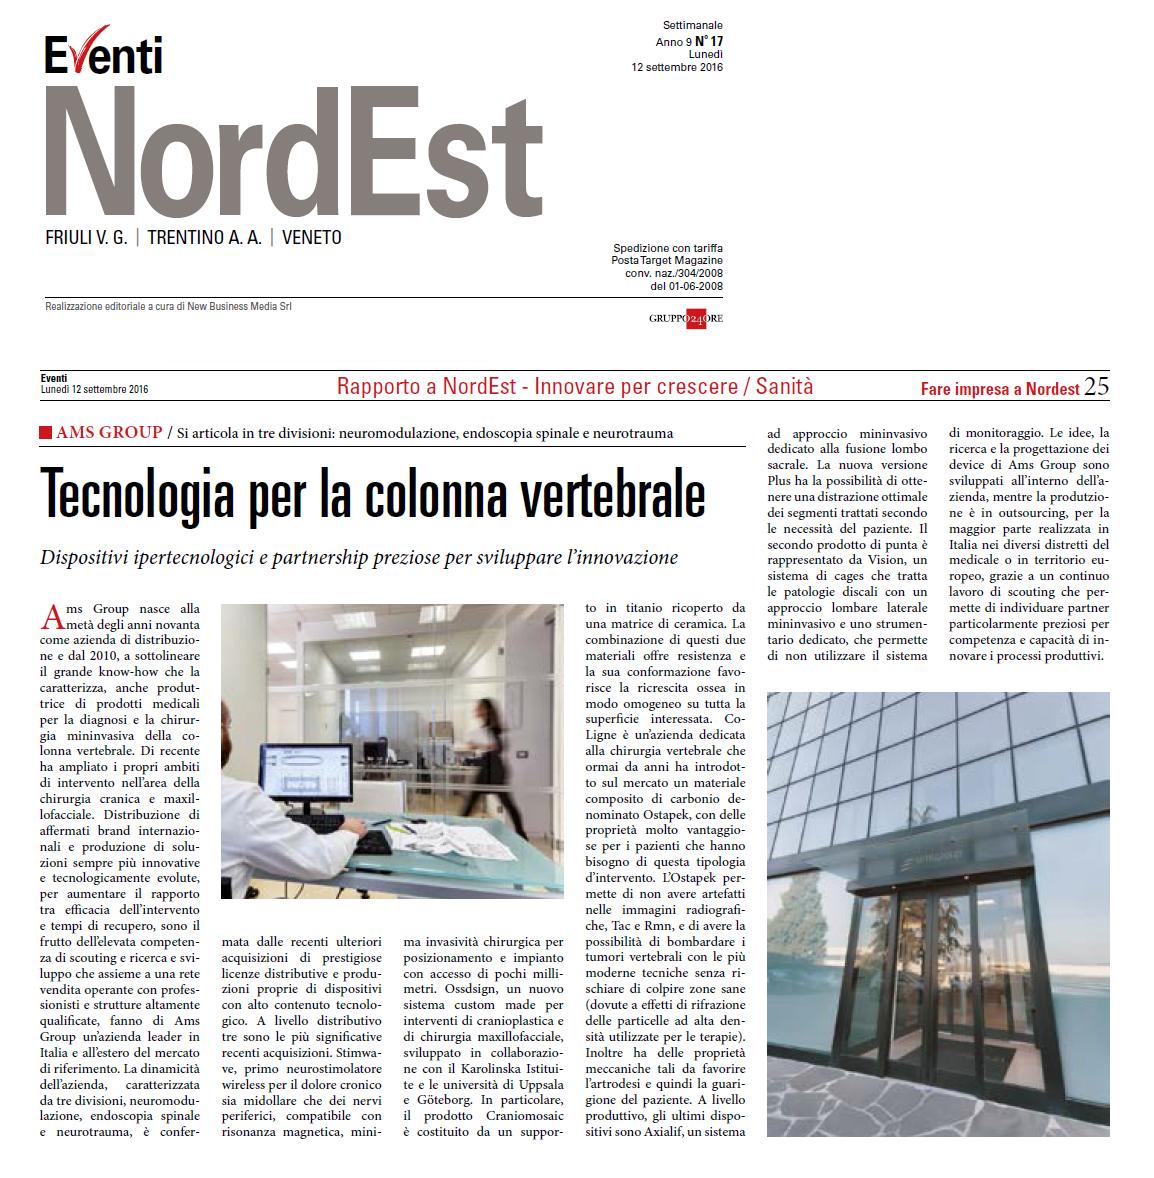 """Articolo AMS Group su settimanale """"Eventi NordEST"""": Tecnologia per la colonna vertebrale"""